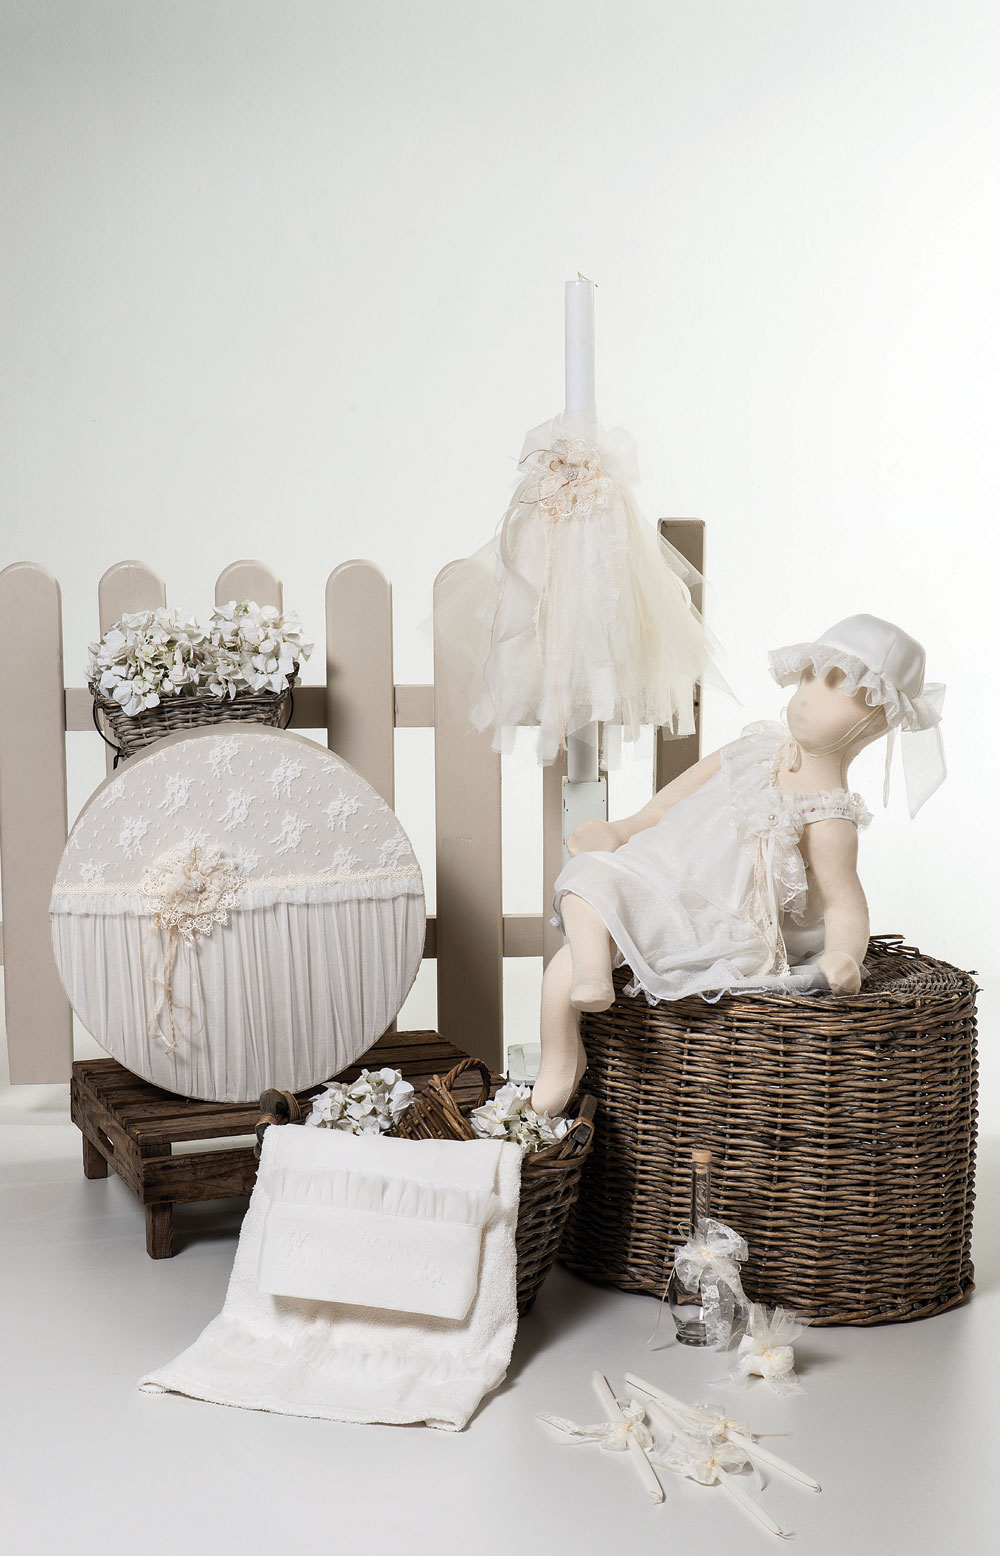 1416 φορεματάκι με έναν ώμο μουσελίνα εκρού με πουά τούλι και δαντέλα, διατίθεται και σε σάπιο μήλο